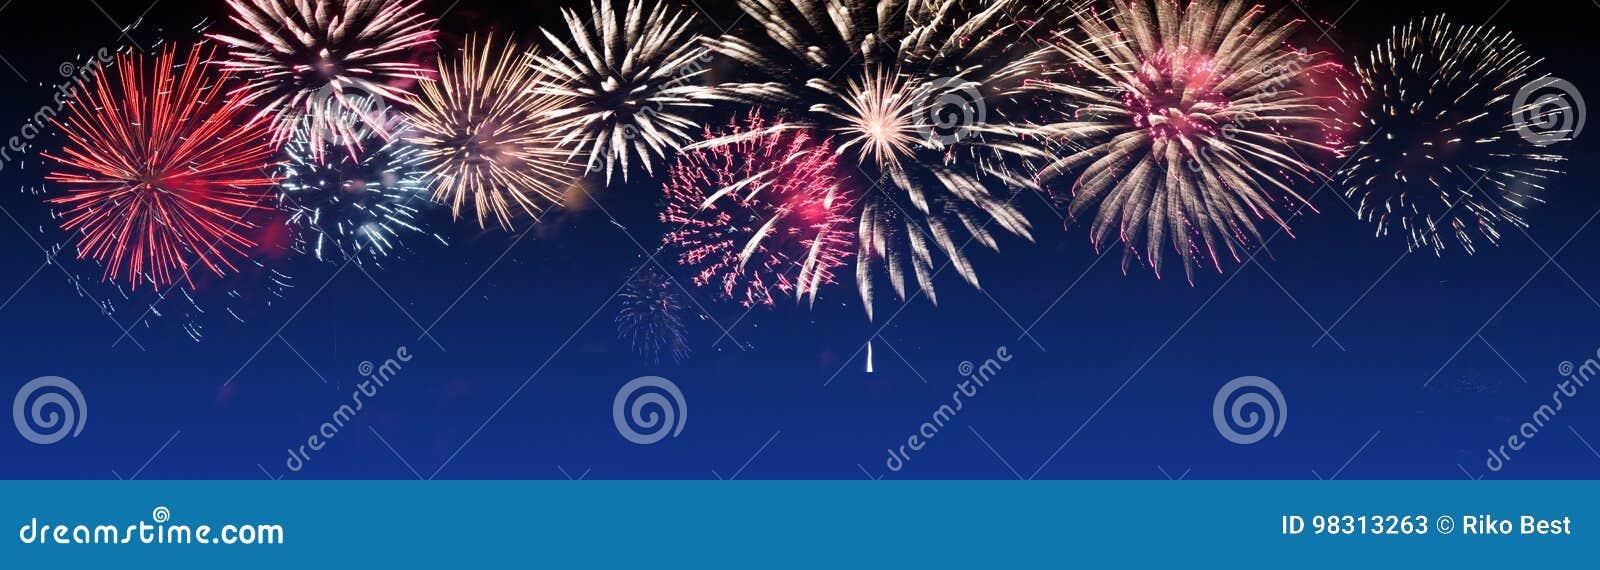 Les feux d artifice brillamment colorés sur le fond crépusculaire - faites la fête la célébration